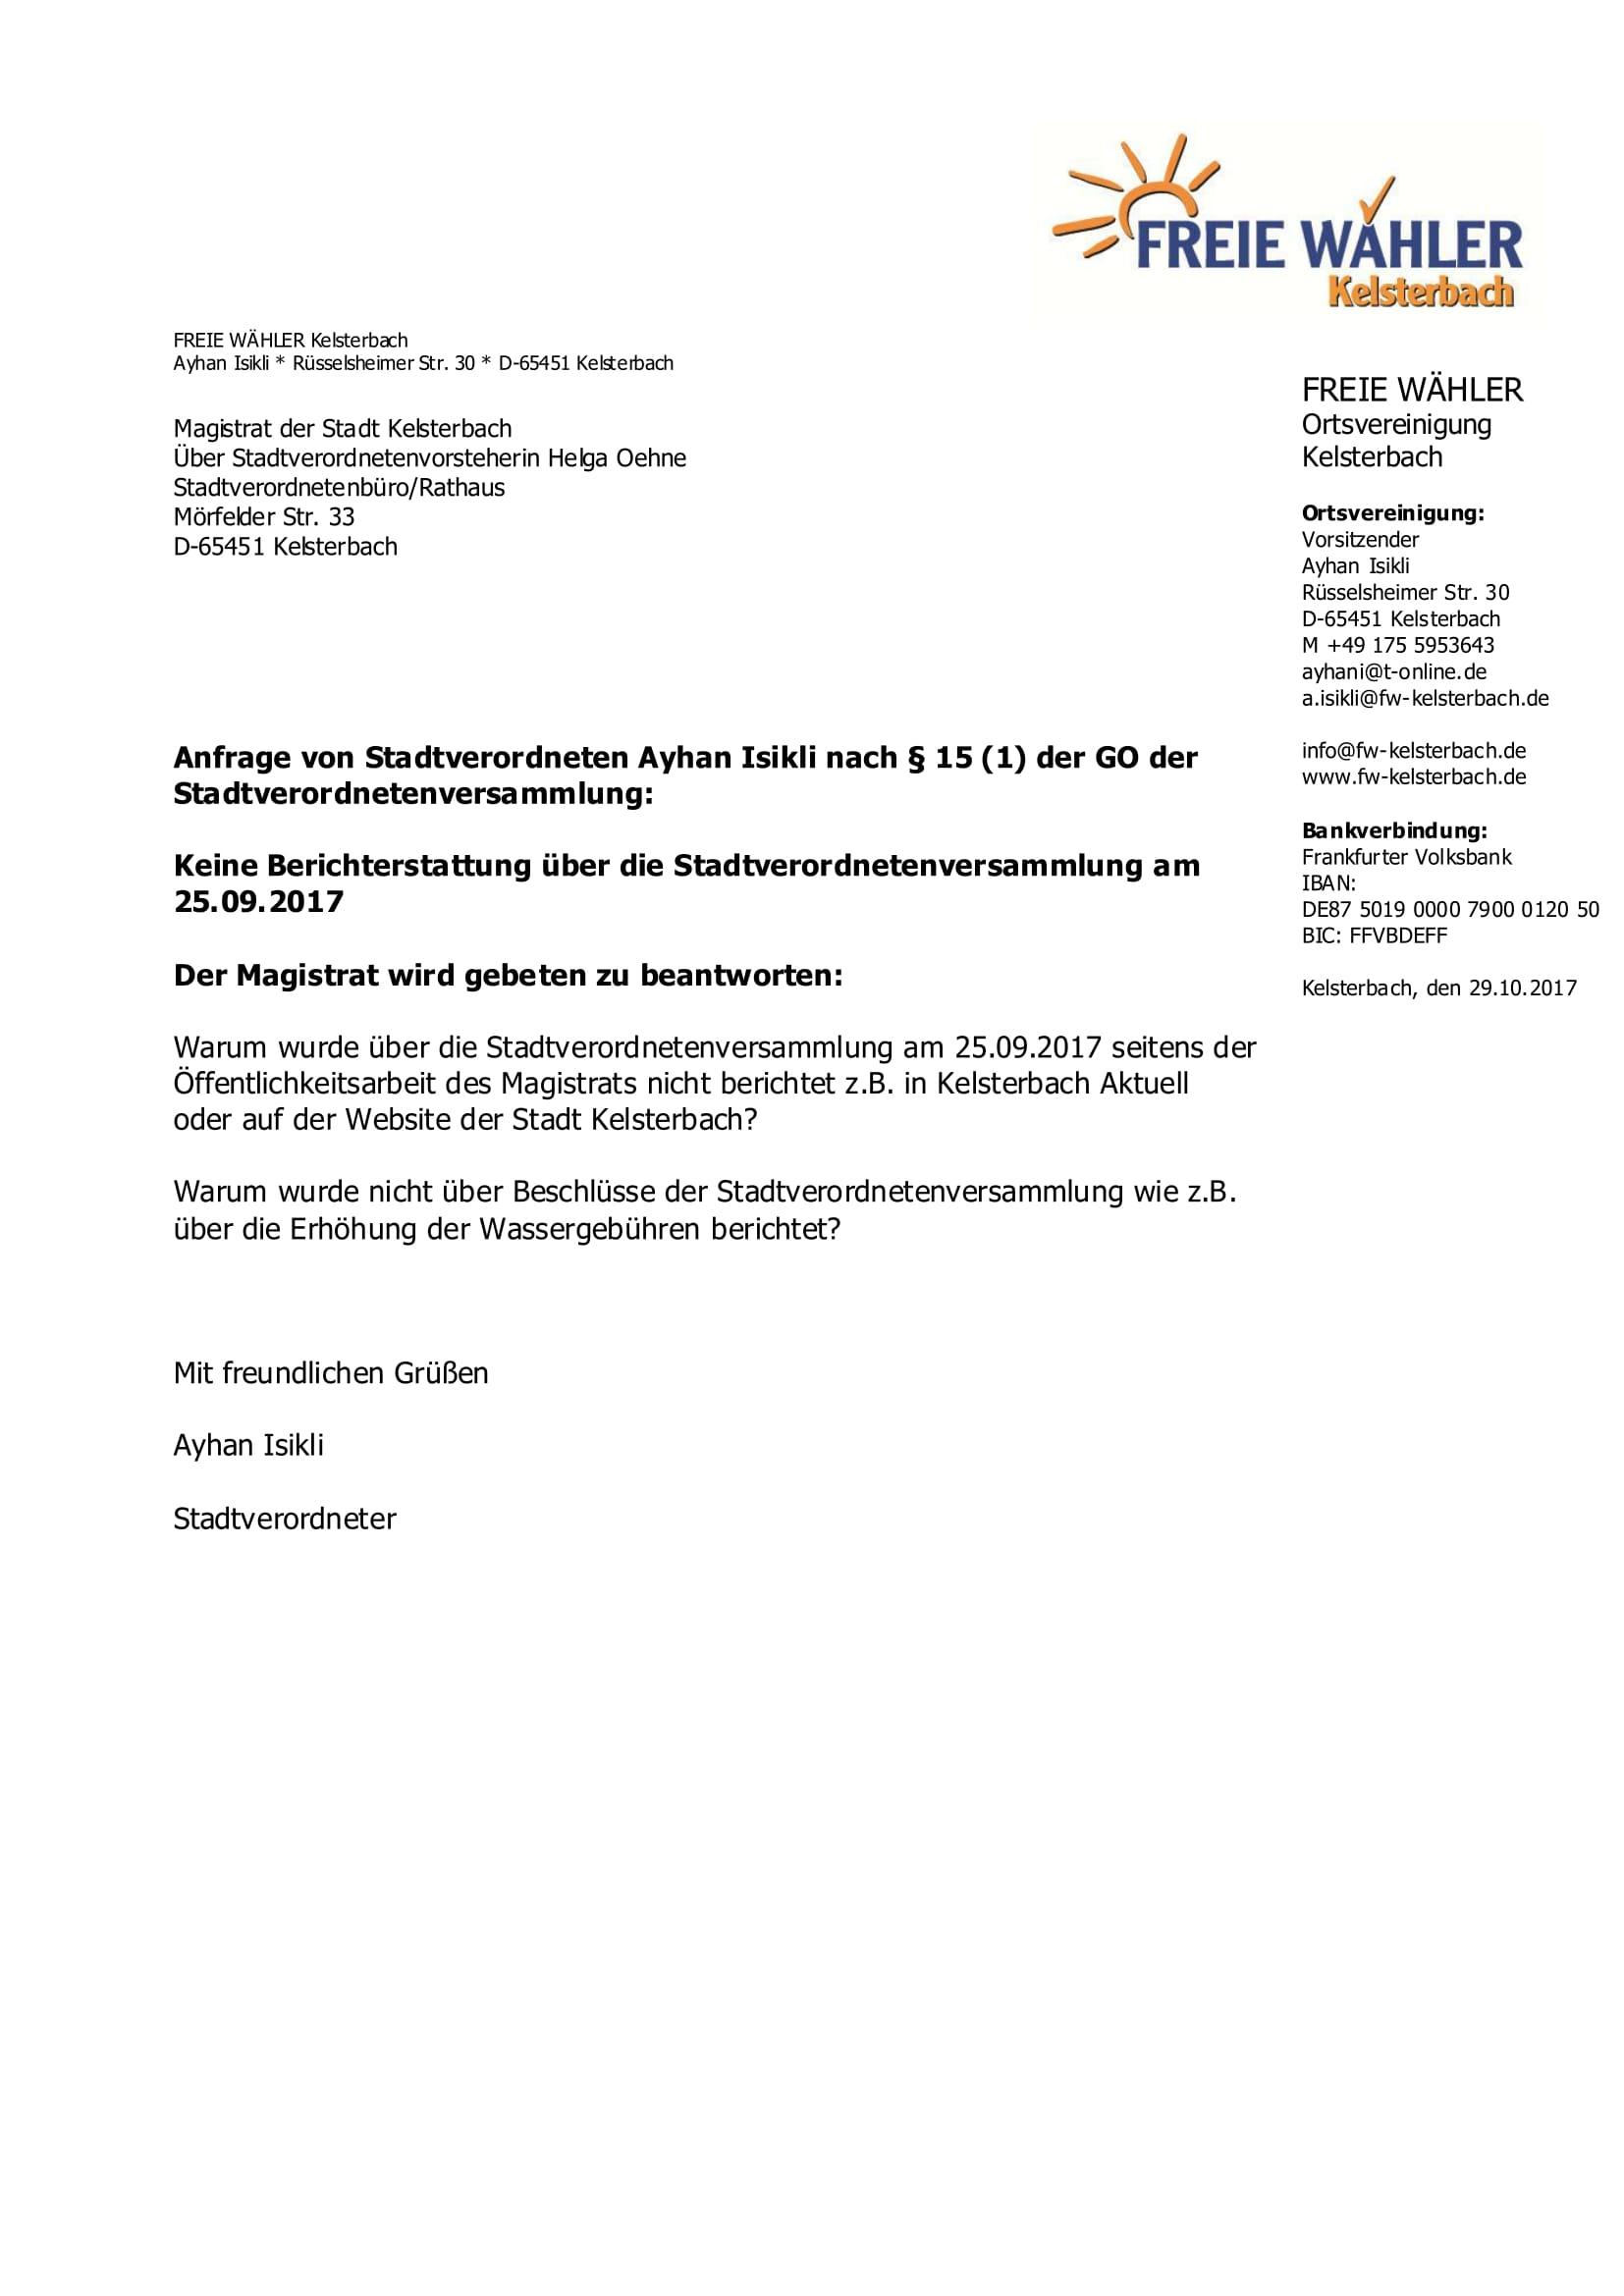 Anfrage Kosten Berichterstattung 250917